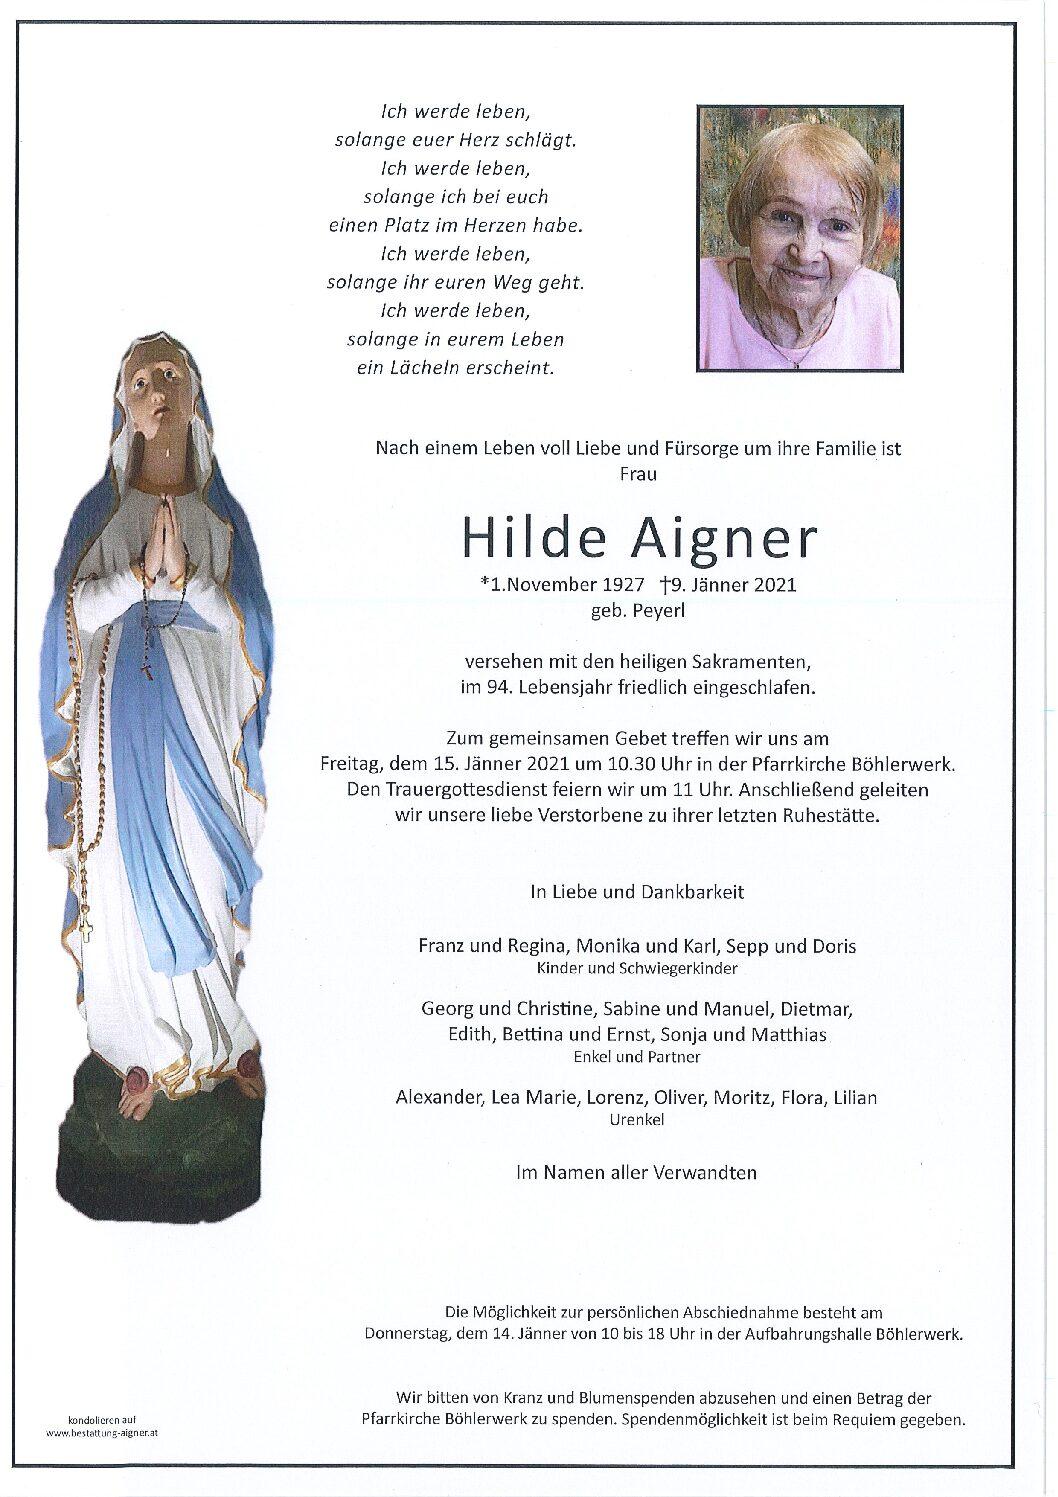 Hilde Aigner